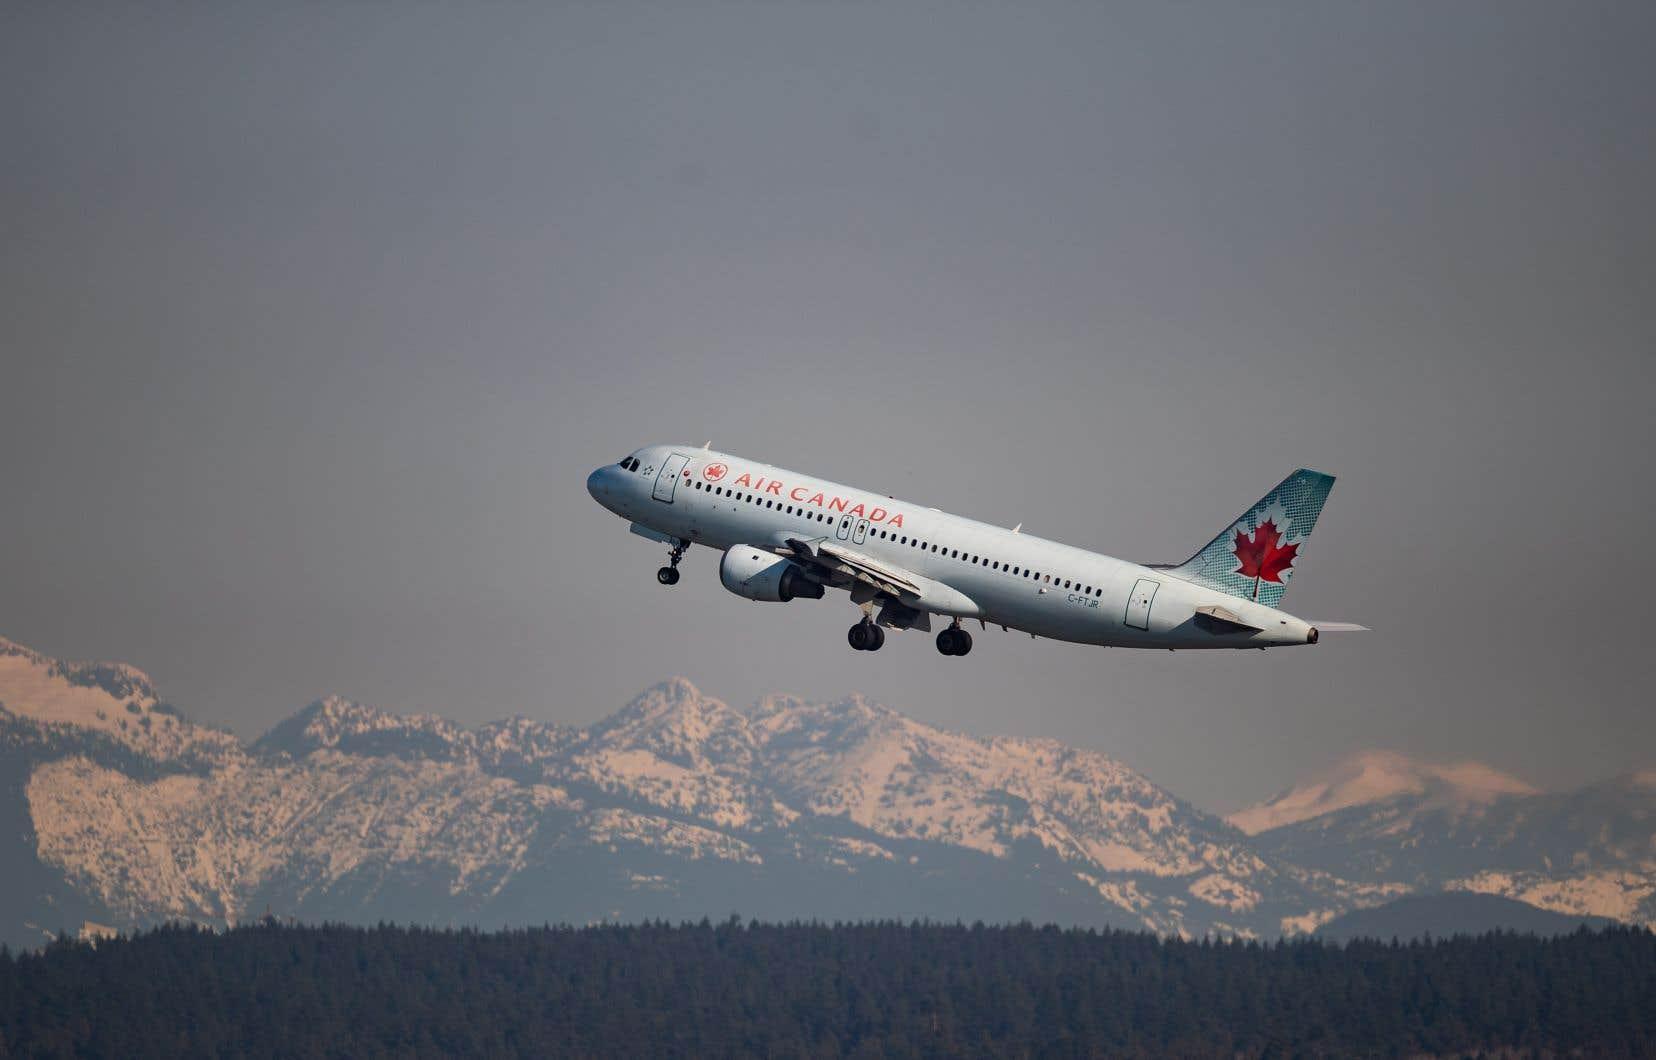 Les 4400 pilotes ont également convenu de réduire la rémunération à l'échelle de toute l'entreprise.